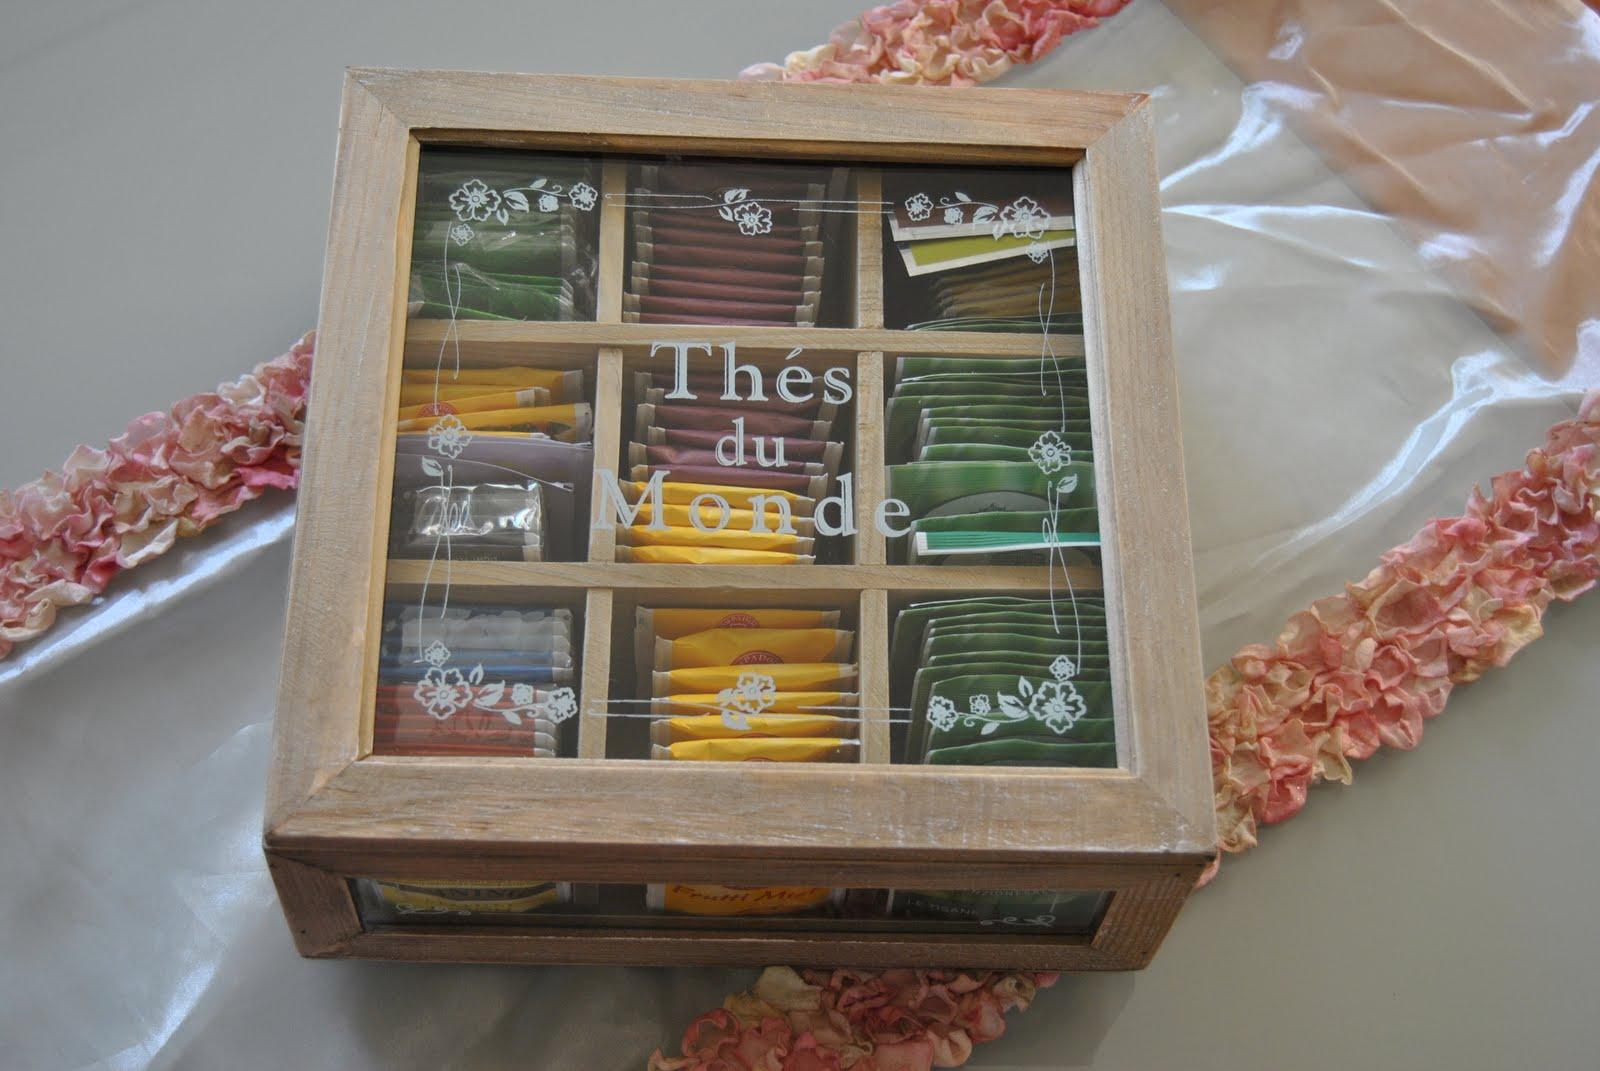 Il blog di lisanna scatola porta th - Scatola porta the ...